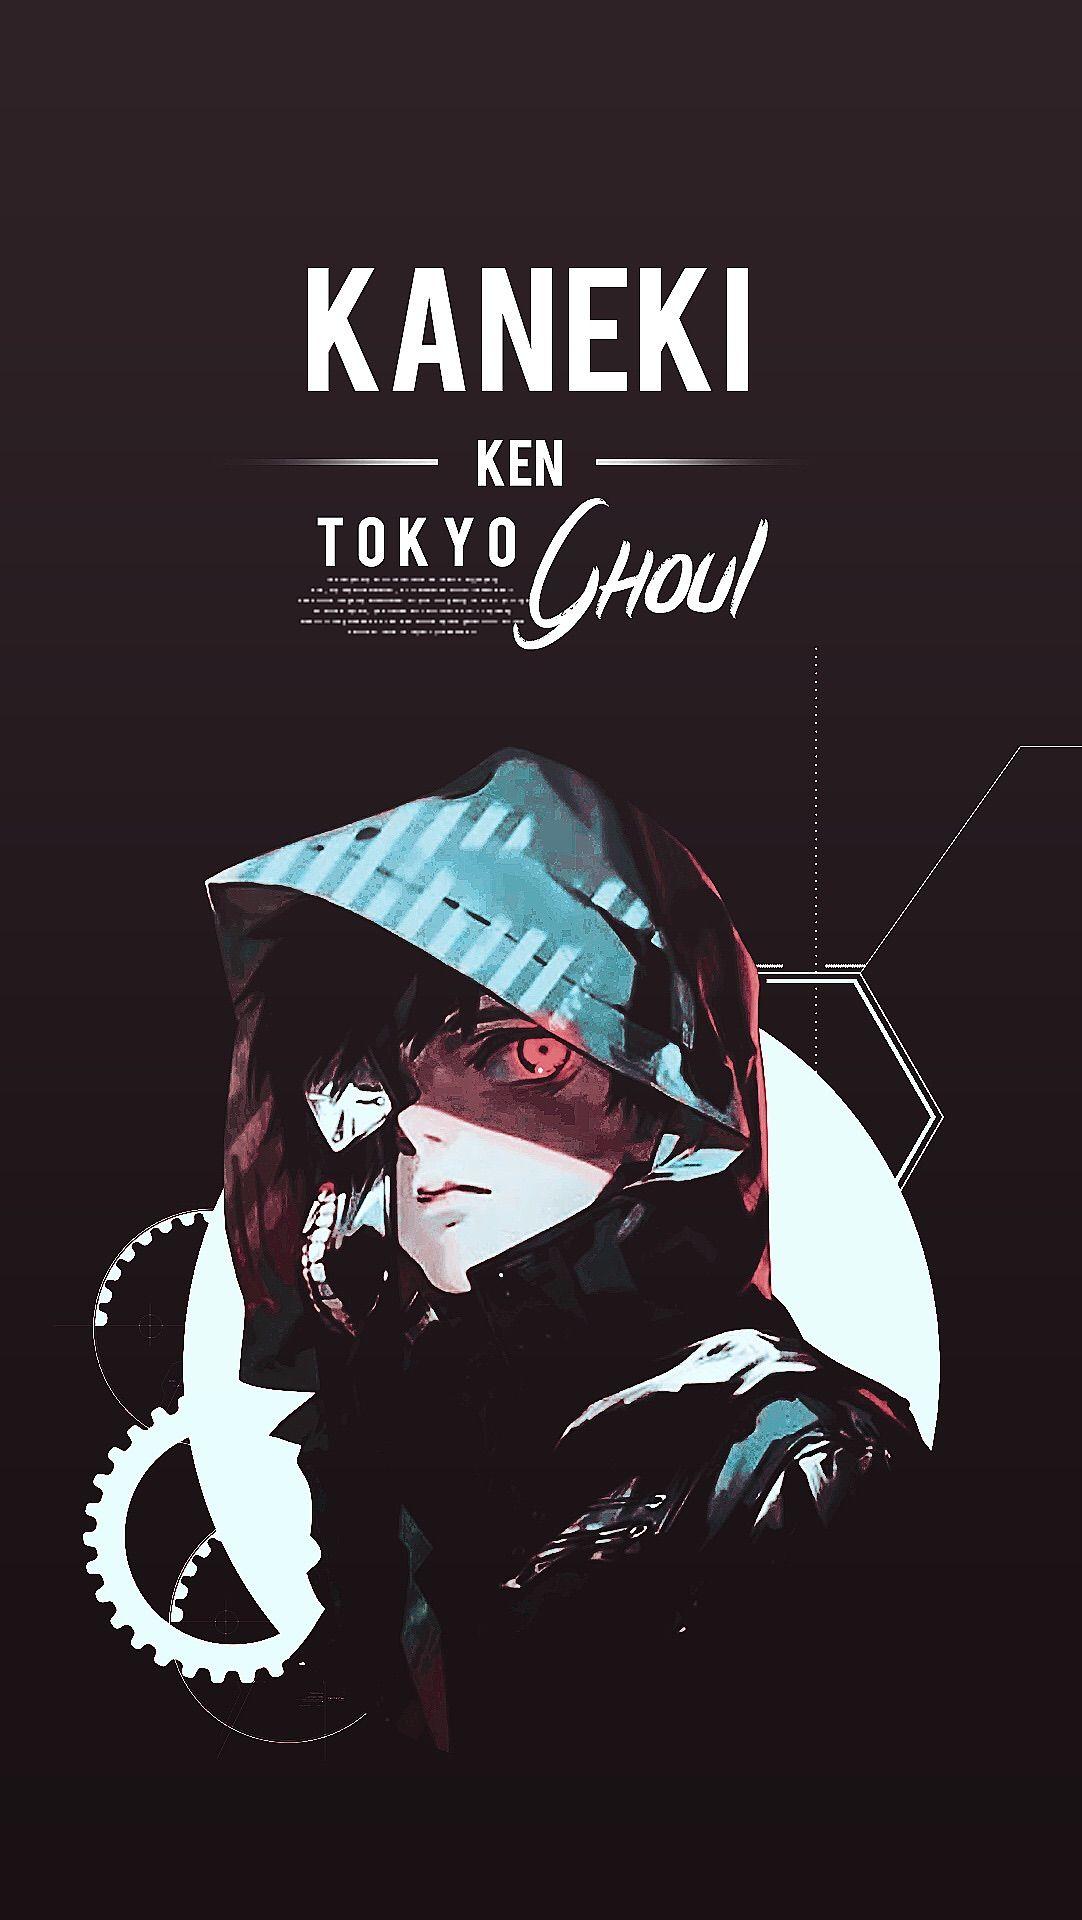 Ken Kaneki Tokyo Ghoul Tg Tokyoghoul Anime Manga Plusultra